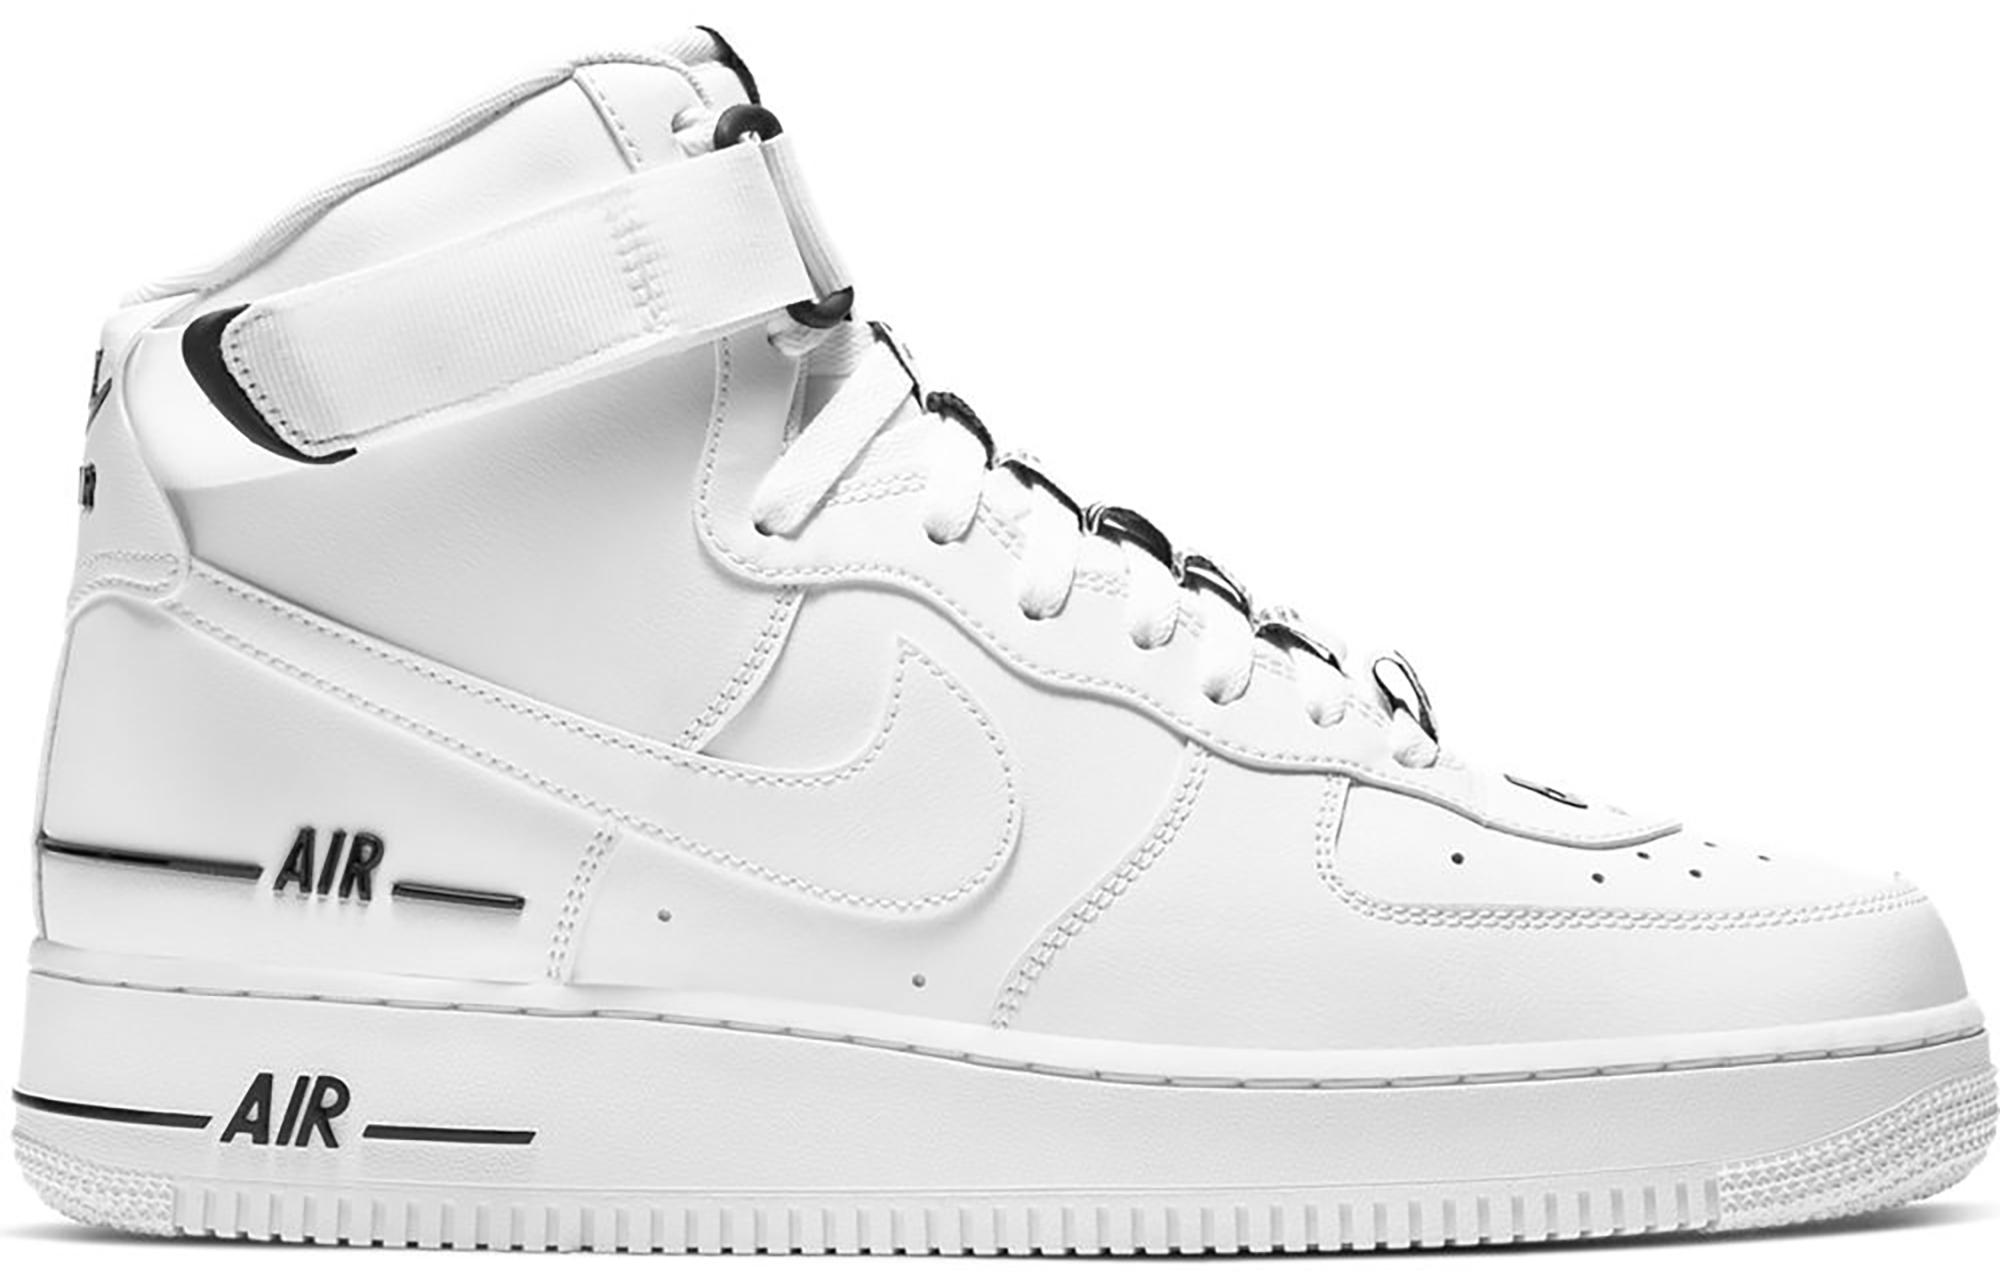 Nike Air Force 1 High Dual Air White